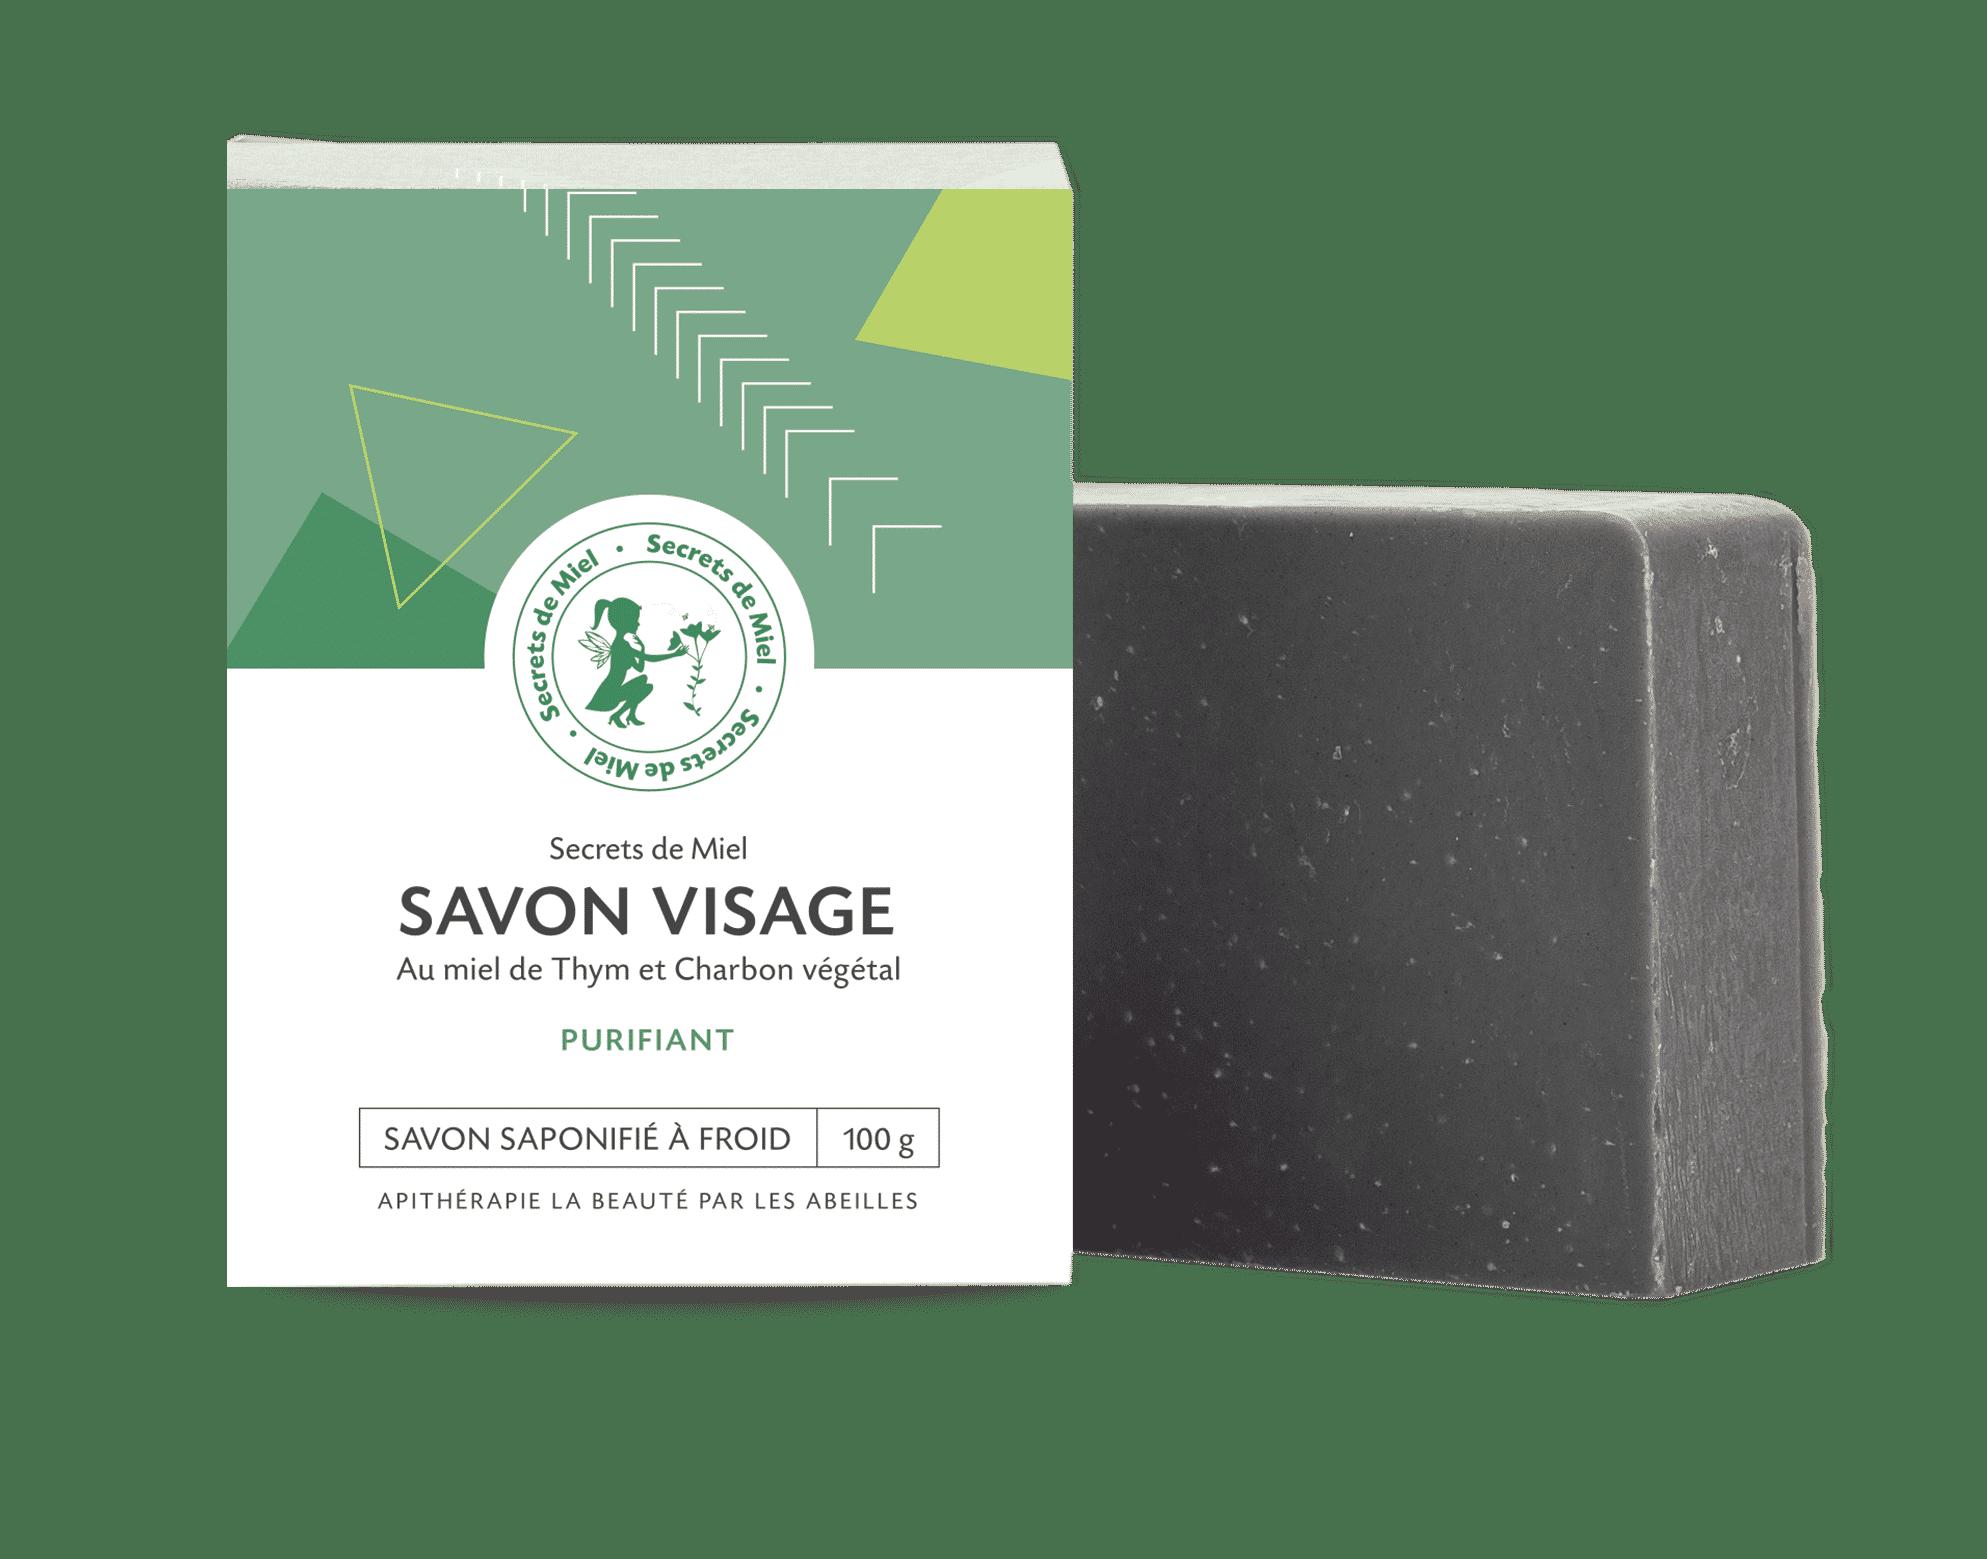 Savon visage Thym et Charbon - secrets de miel - peaux acnéiques - maskne - produits naturels